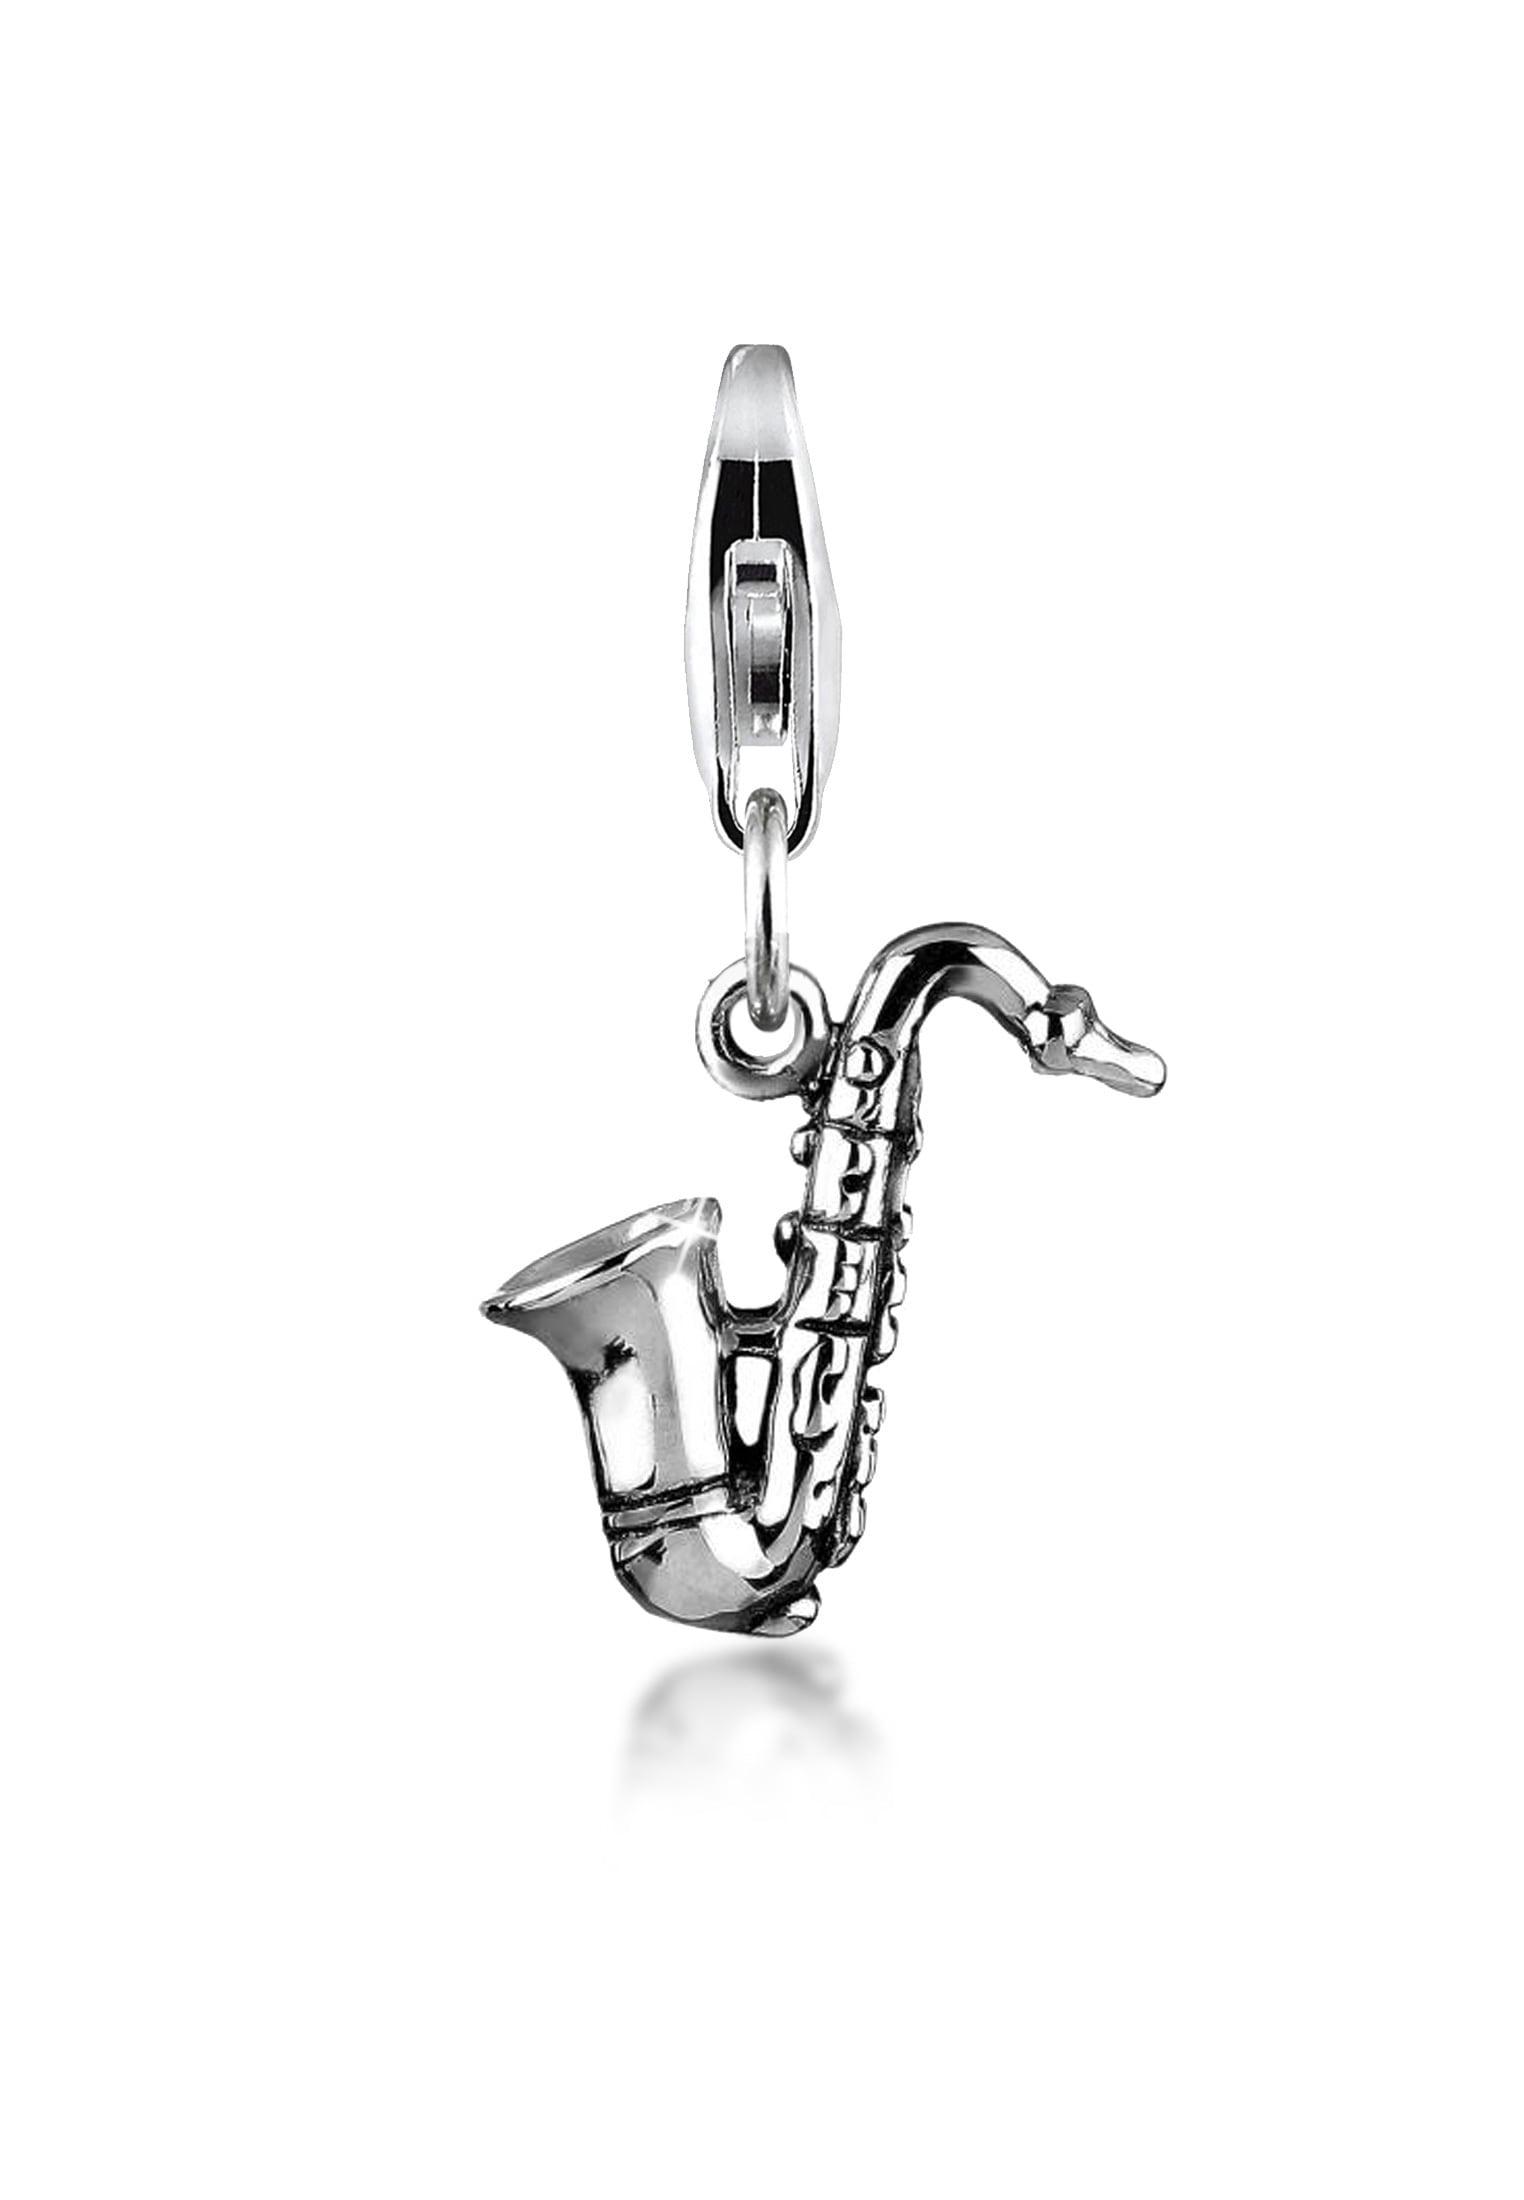 Nenalina Charm-Einhänger Saxophon Symbol Musik Instrument 925 Silber | Schmuck > Charms > Charms Anhänger | Nenalina